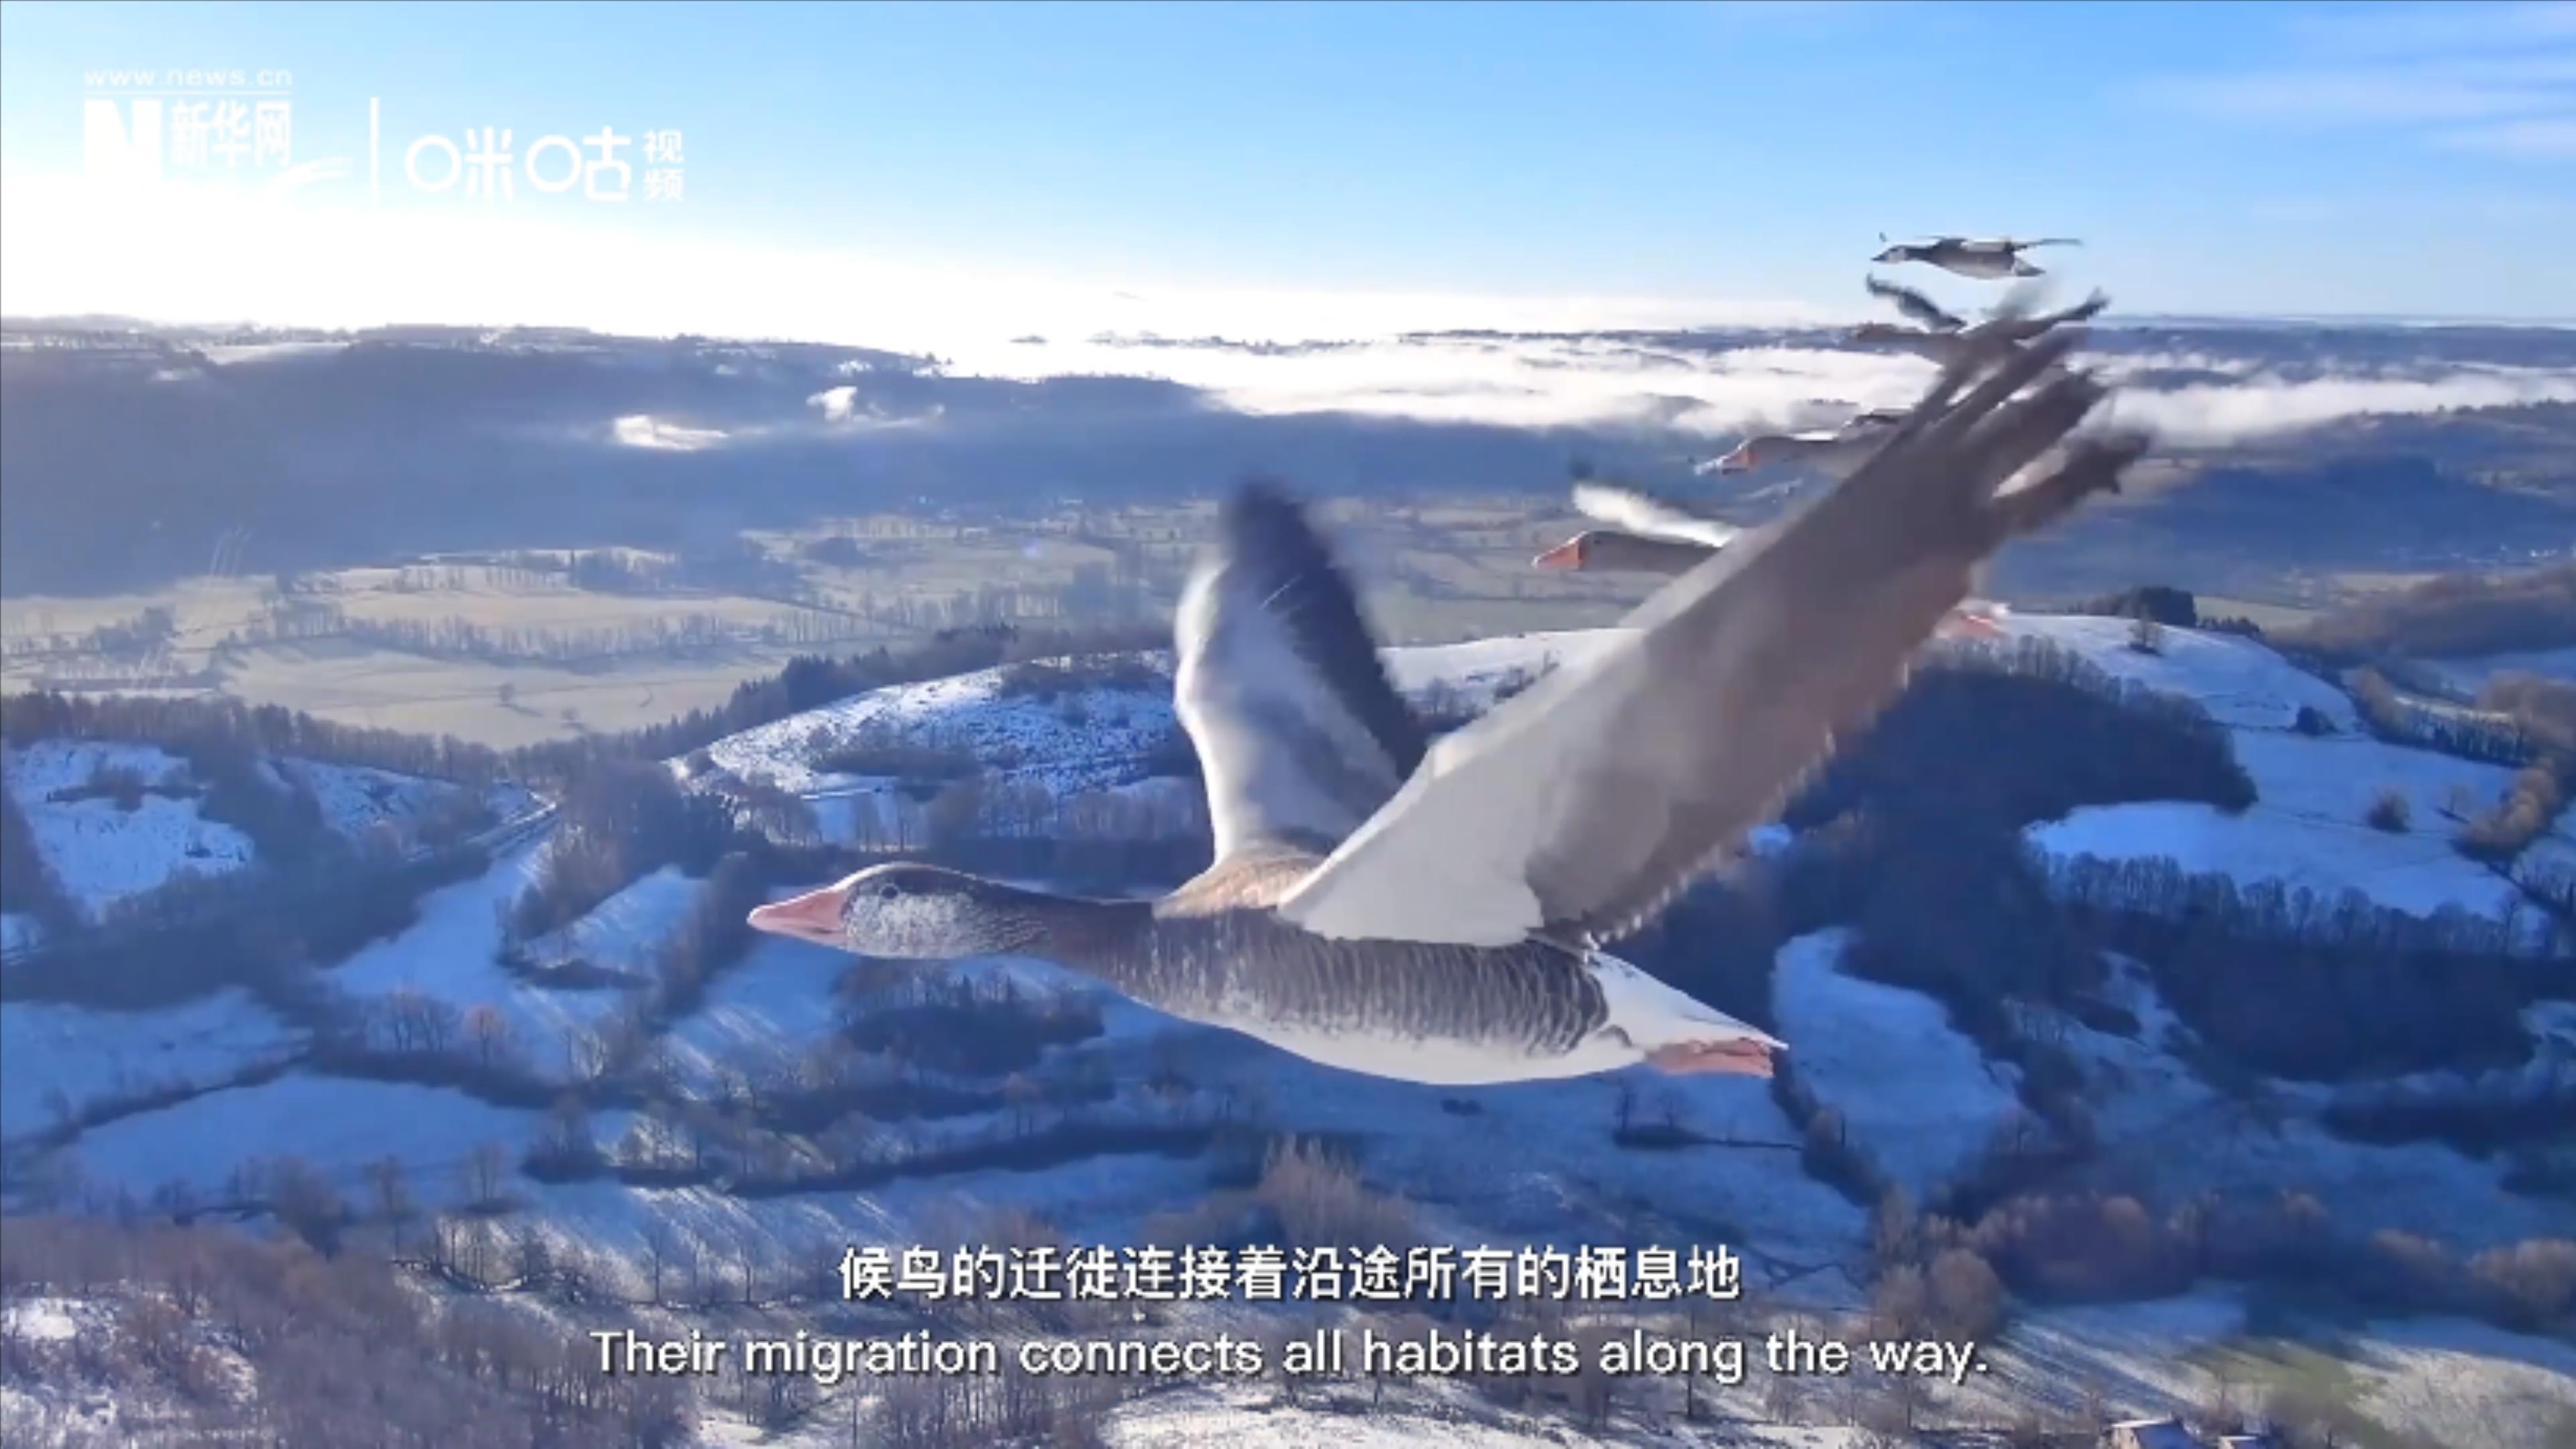 全球大規模鳥類遷徙共有八條跨越國界的路線